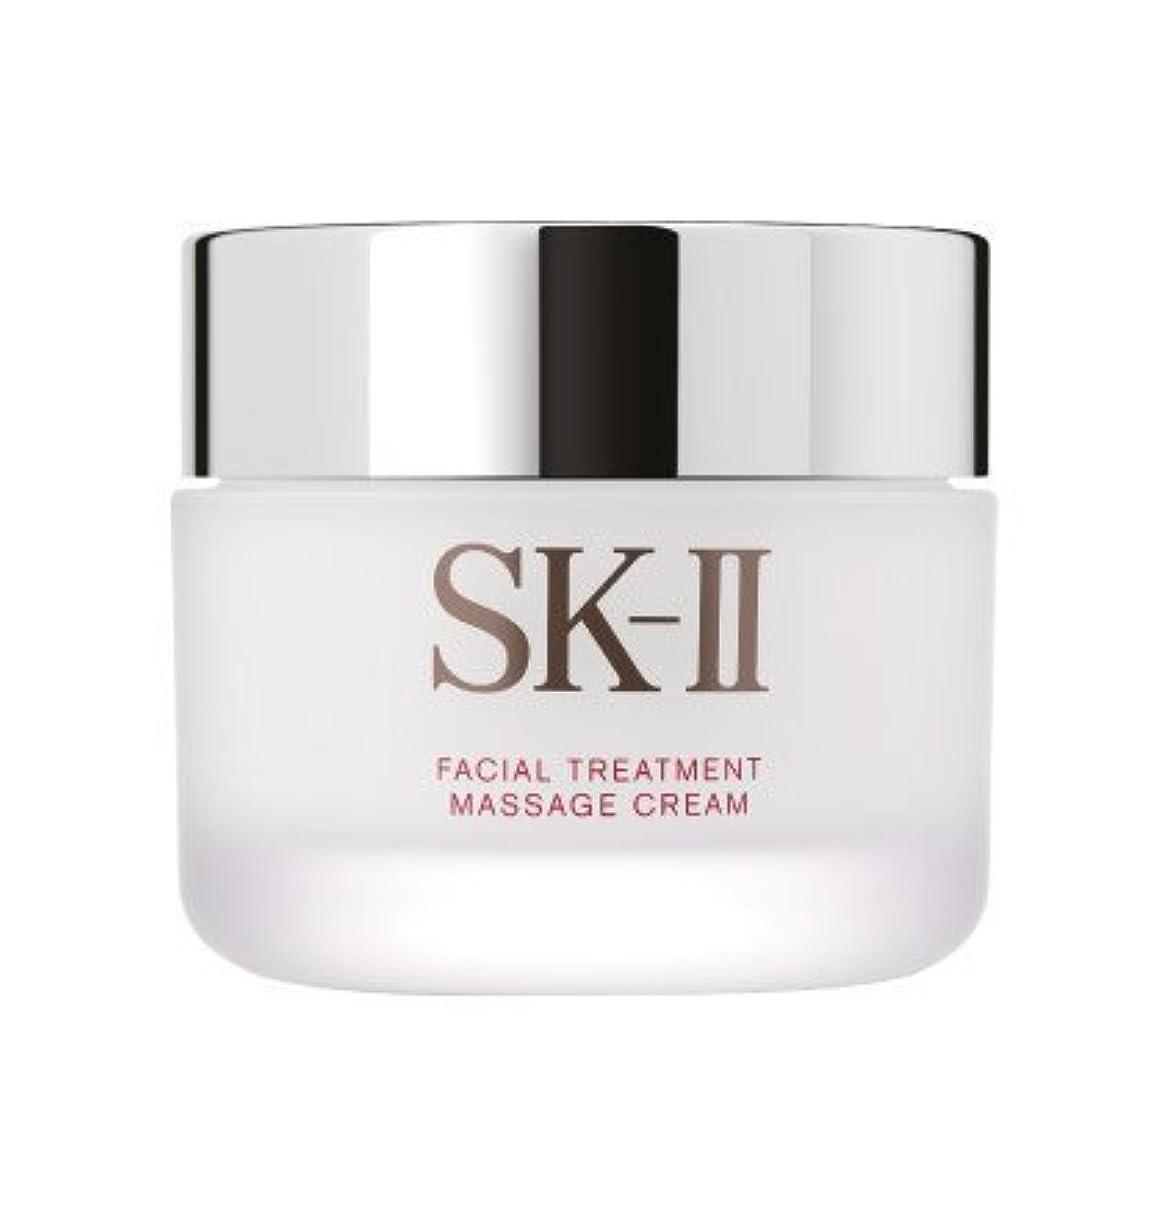 化合物チューインガムノーブルSK-II フェイシャル トリートメント マッサージ クリーム 80g SK2 マックスファクター 化粧品 美容 クリーム